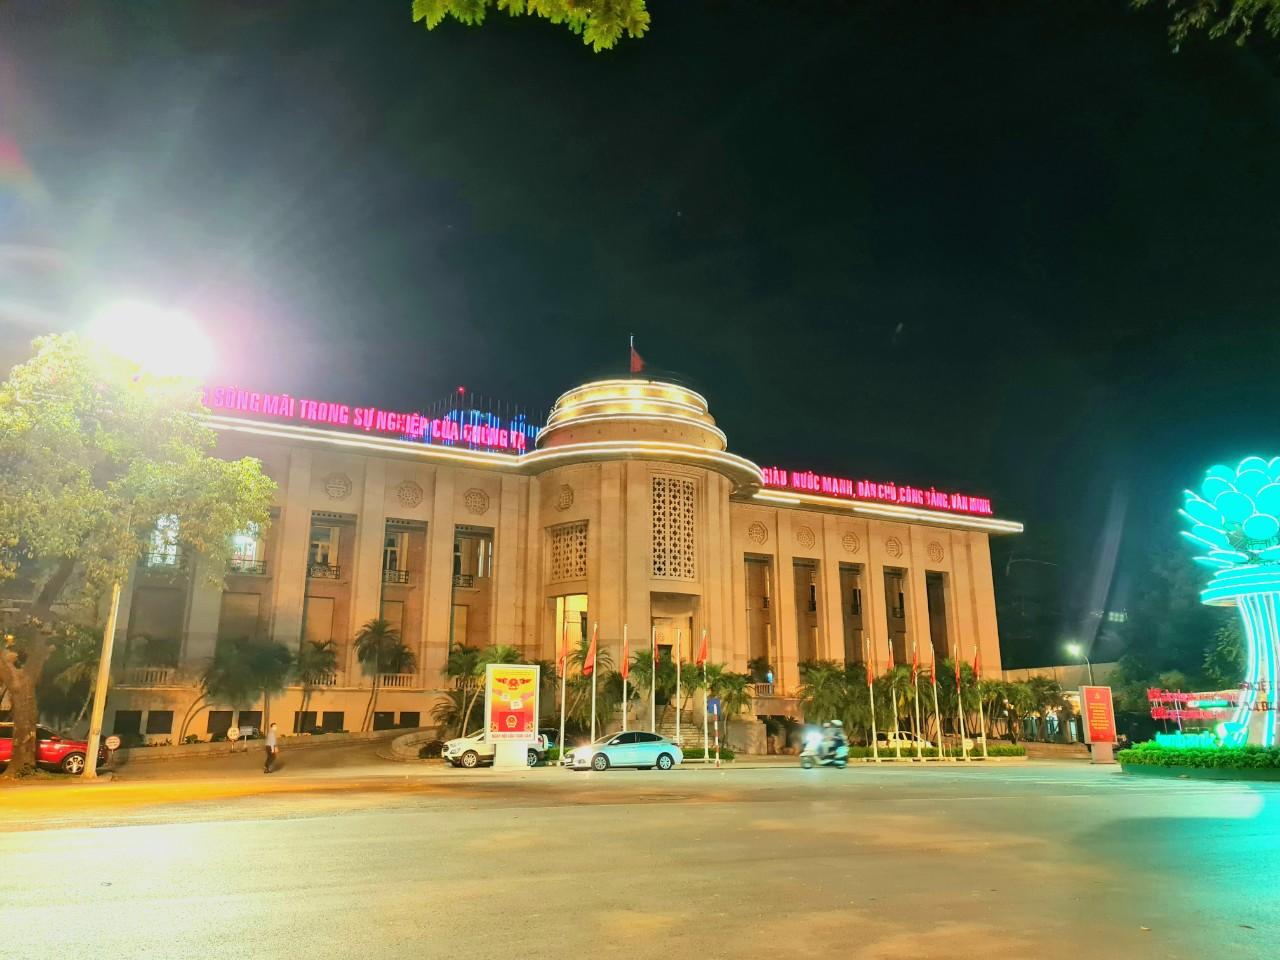 Bộ Tài chính Mỹ và Ngân hàng Nhà nước Việt Nam đạt được thỏa thuận chung về chính sách tiền tệ - Ảnh 1.